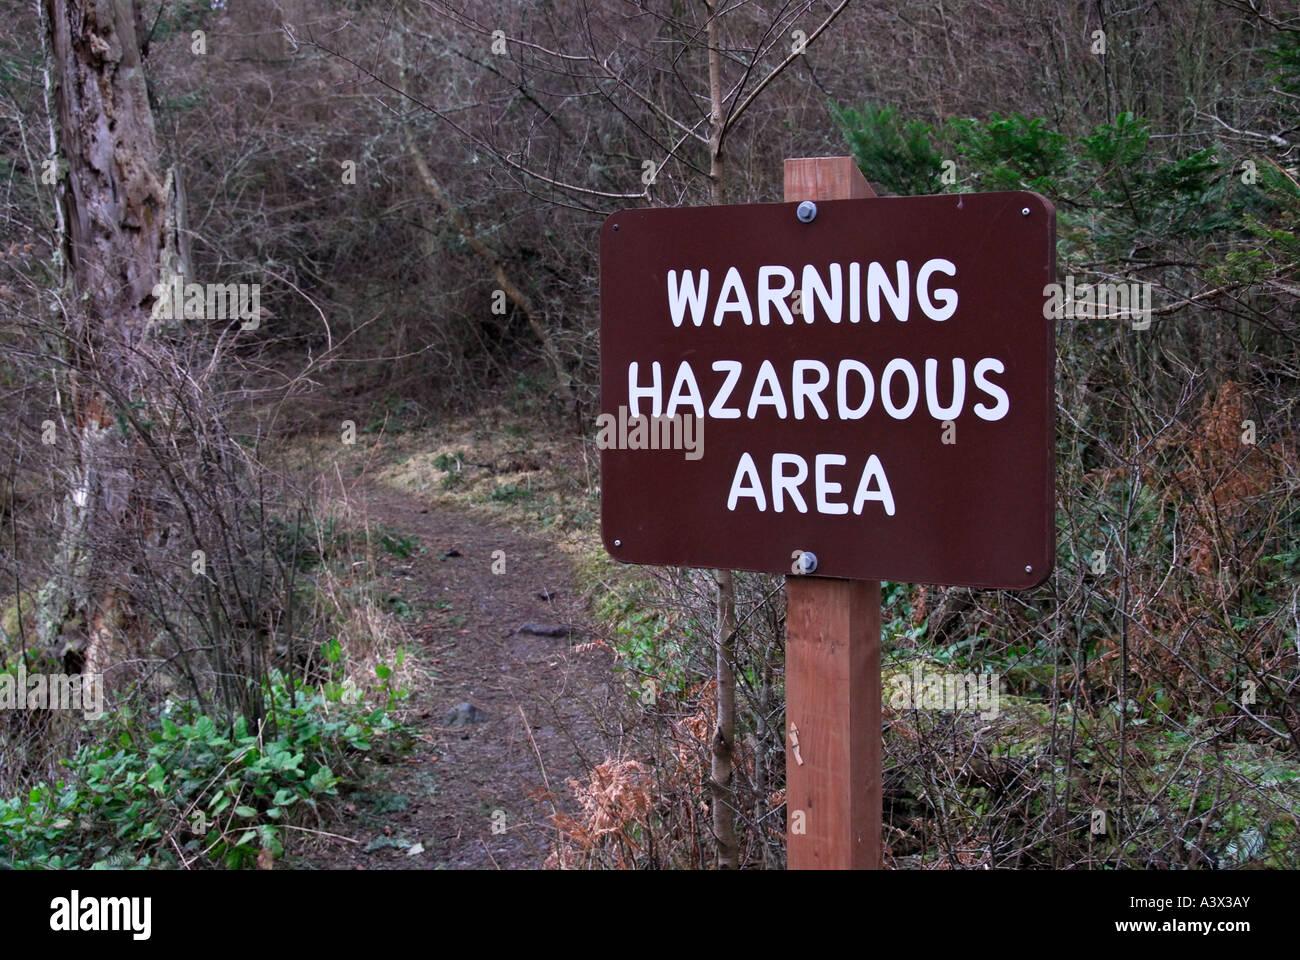 'Warning Hazardous Area sign, 'Washington state', USA' - Stock Image